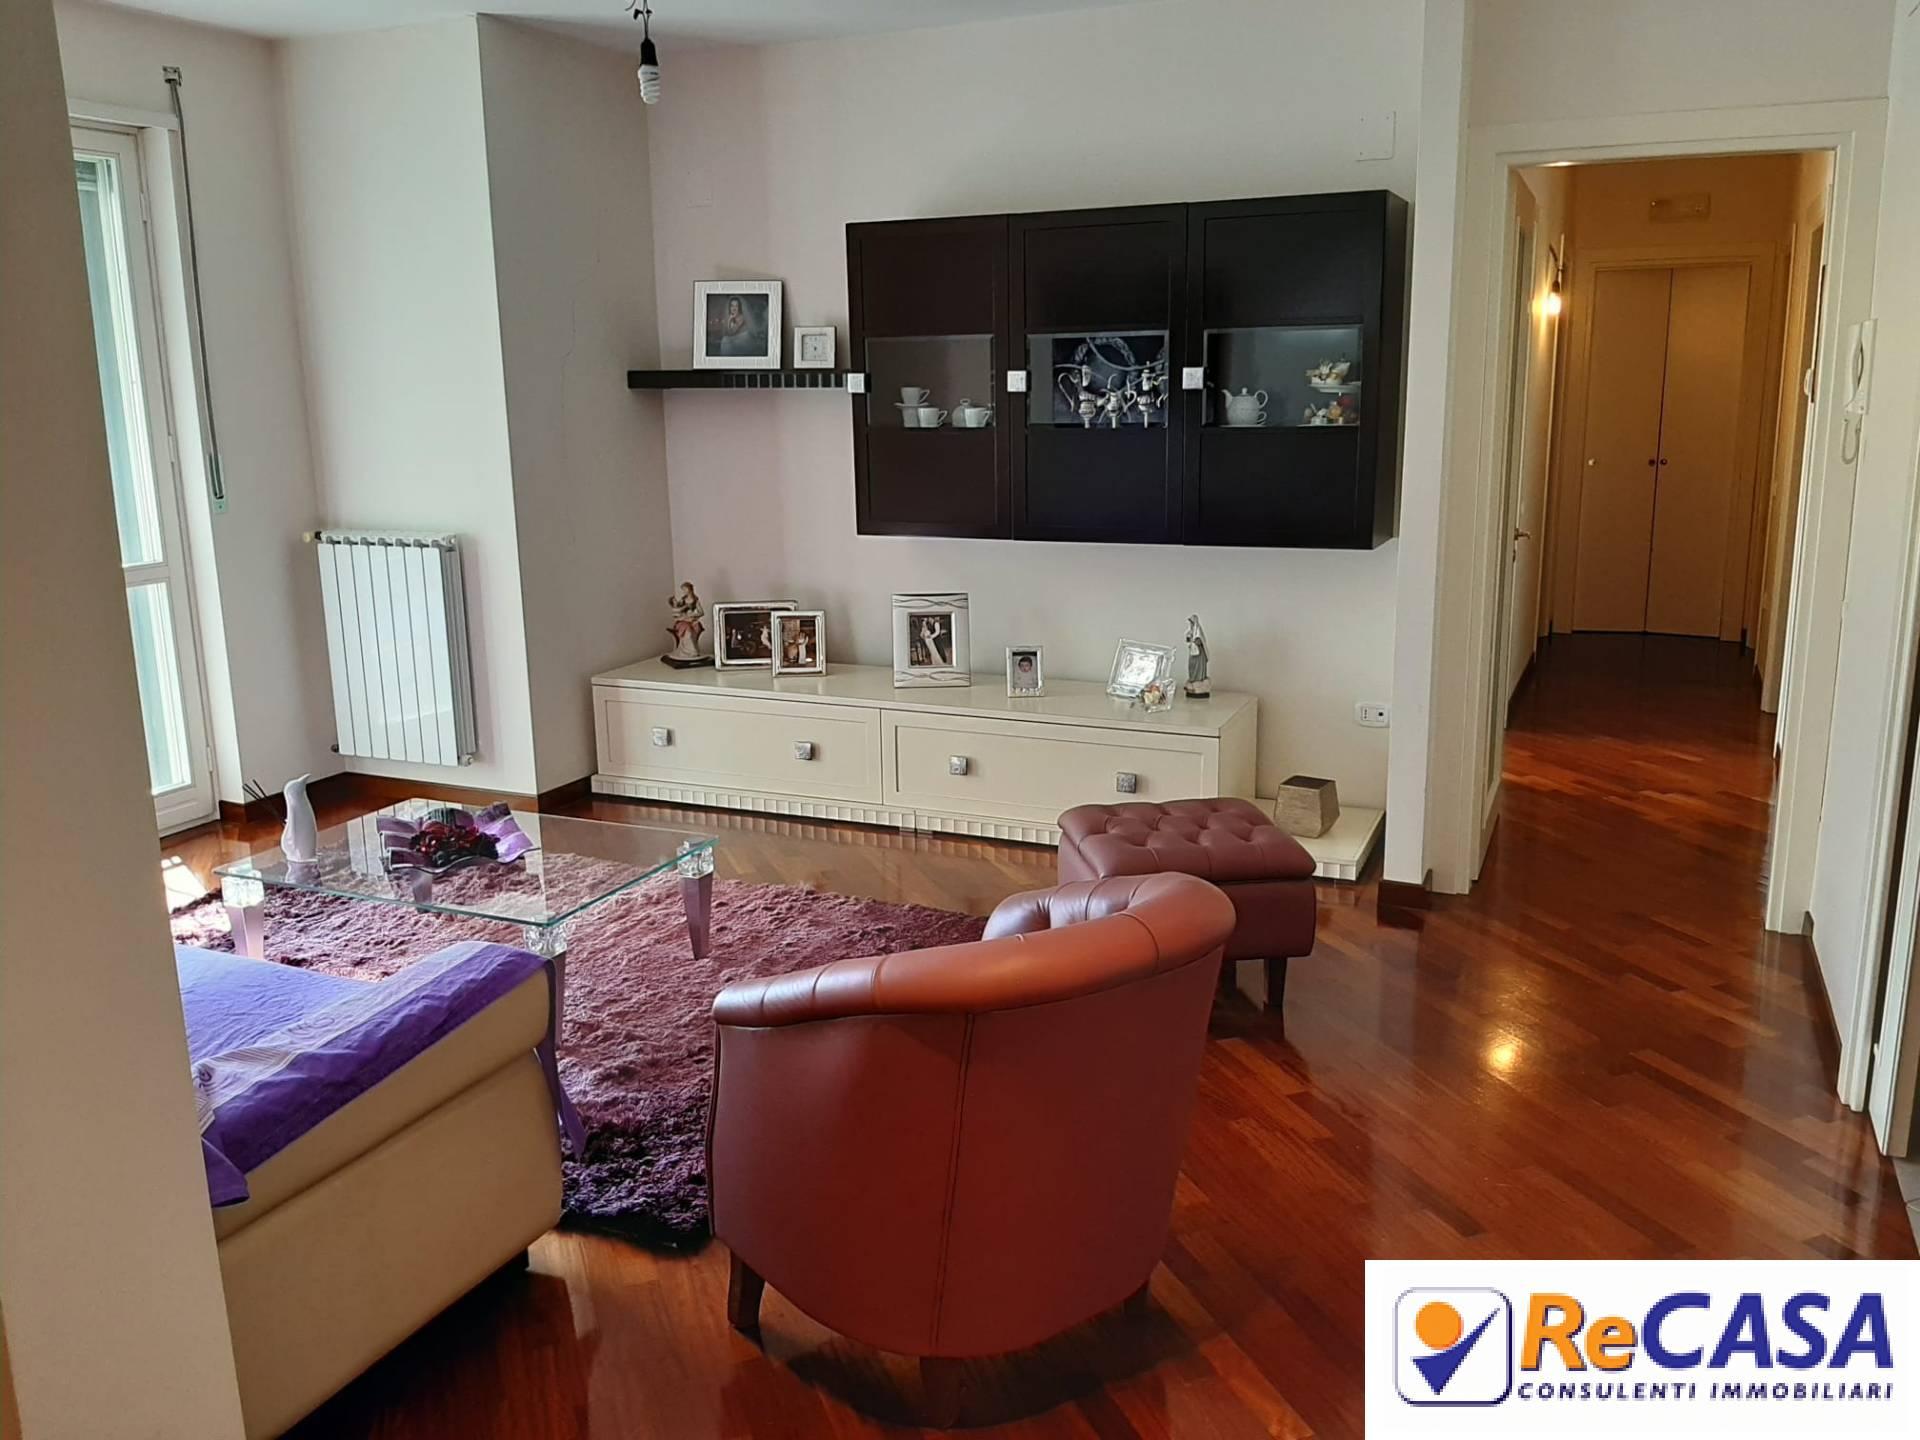 Appartamento in vendita a Montecorvino Pugliano, 4 locali, zona Località: BivioPratole, prezzo € 239.000 | CambioCasa.it